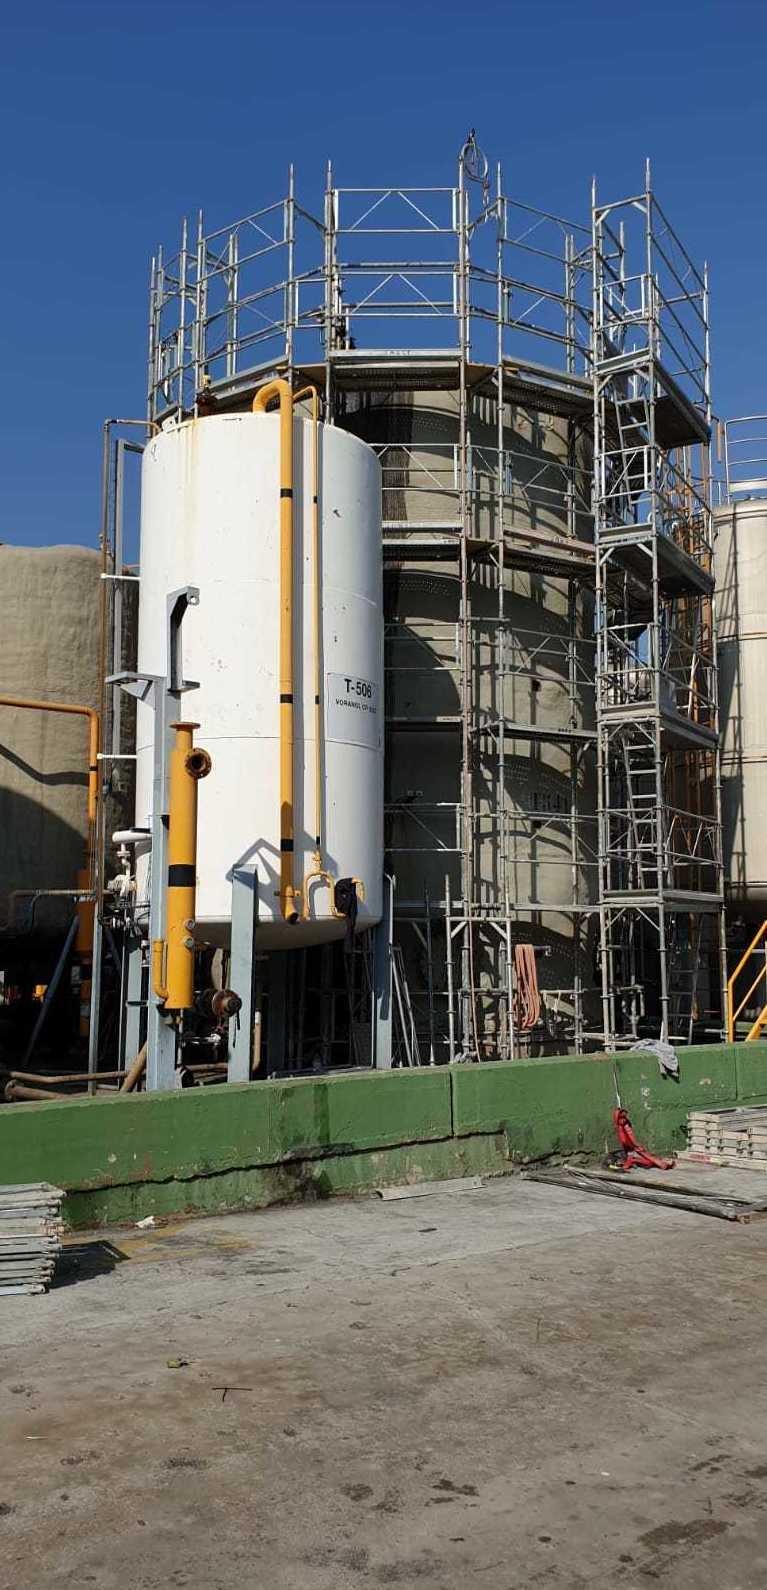 Foto 2 de Suministros y maquinarias industriales en Martorell | Amucsa